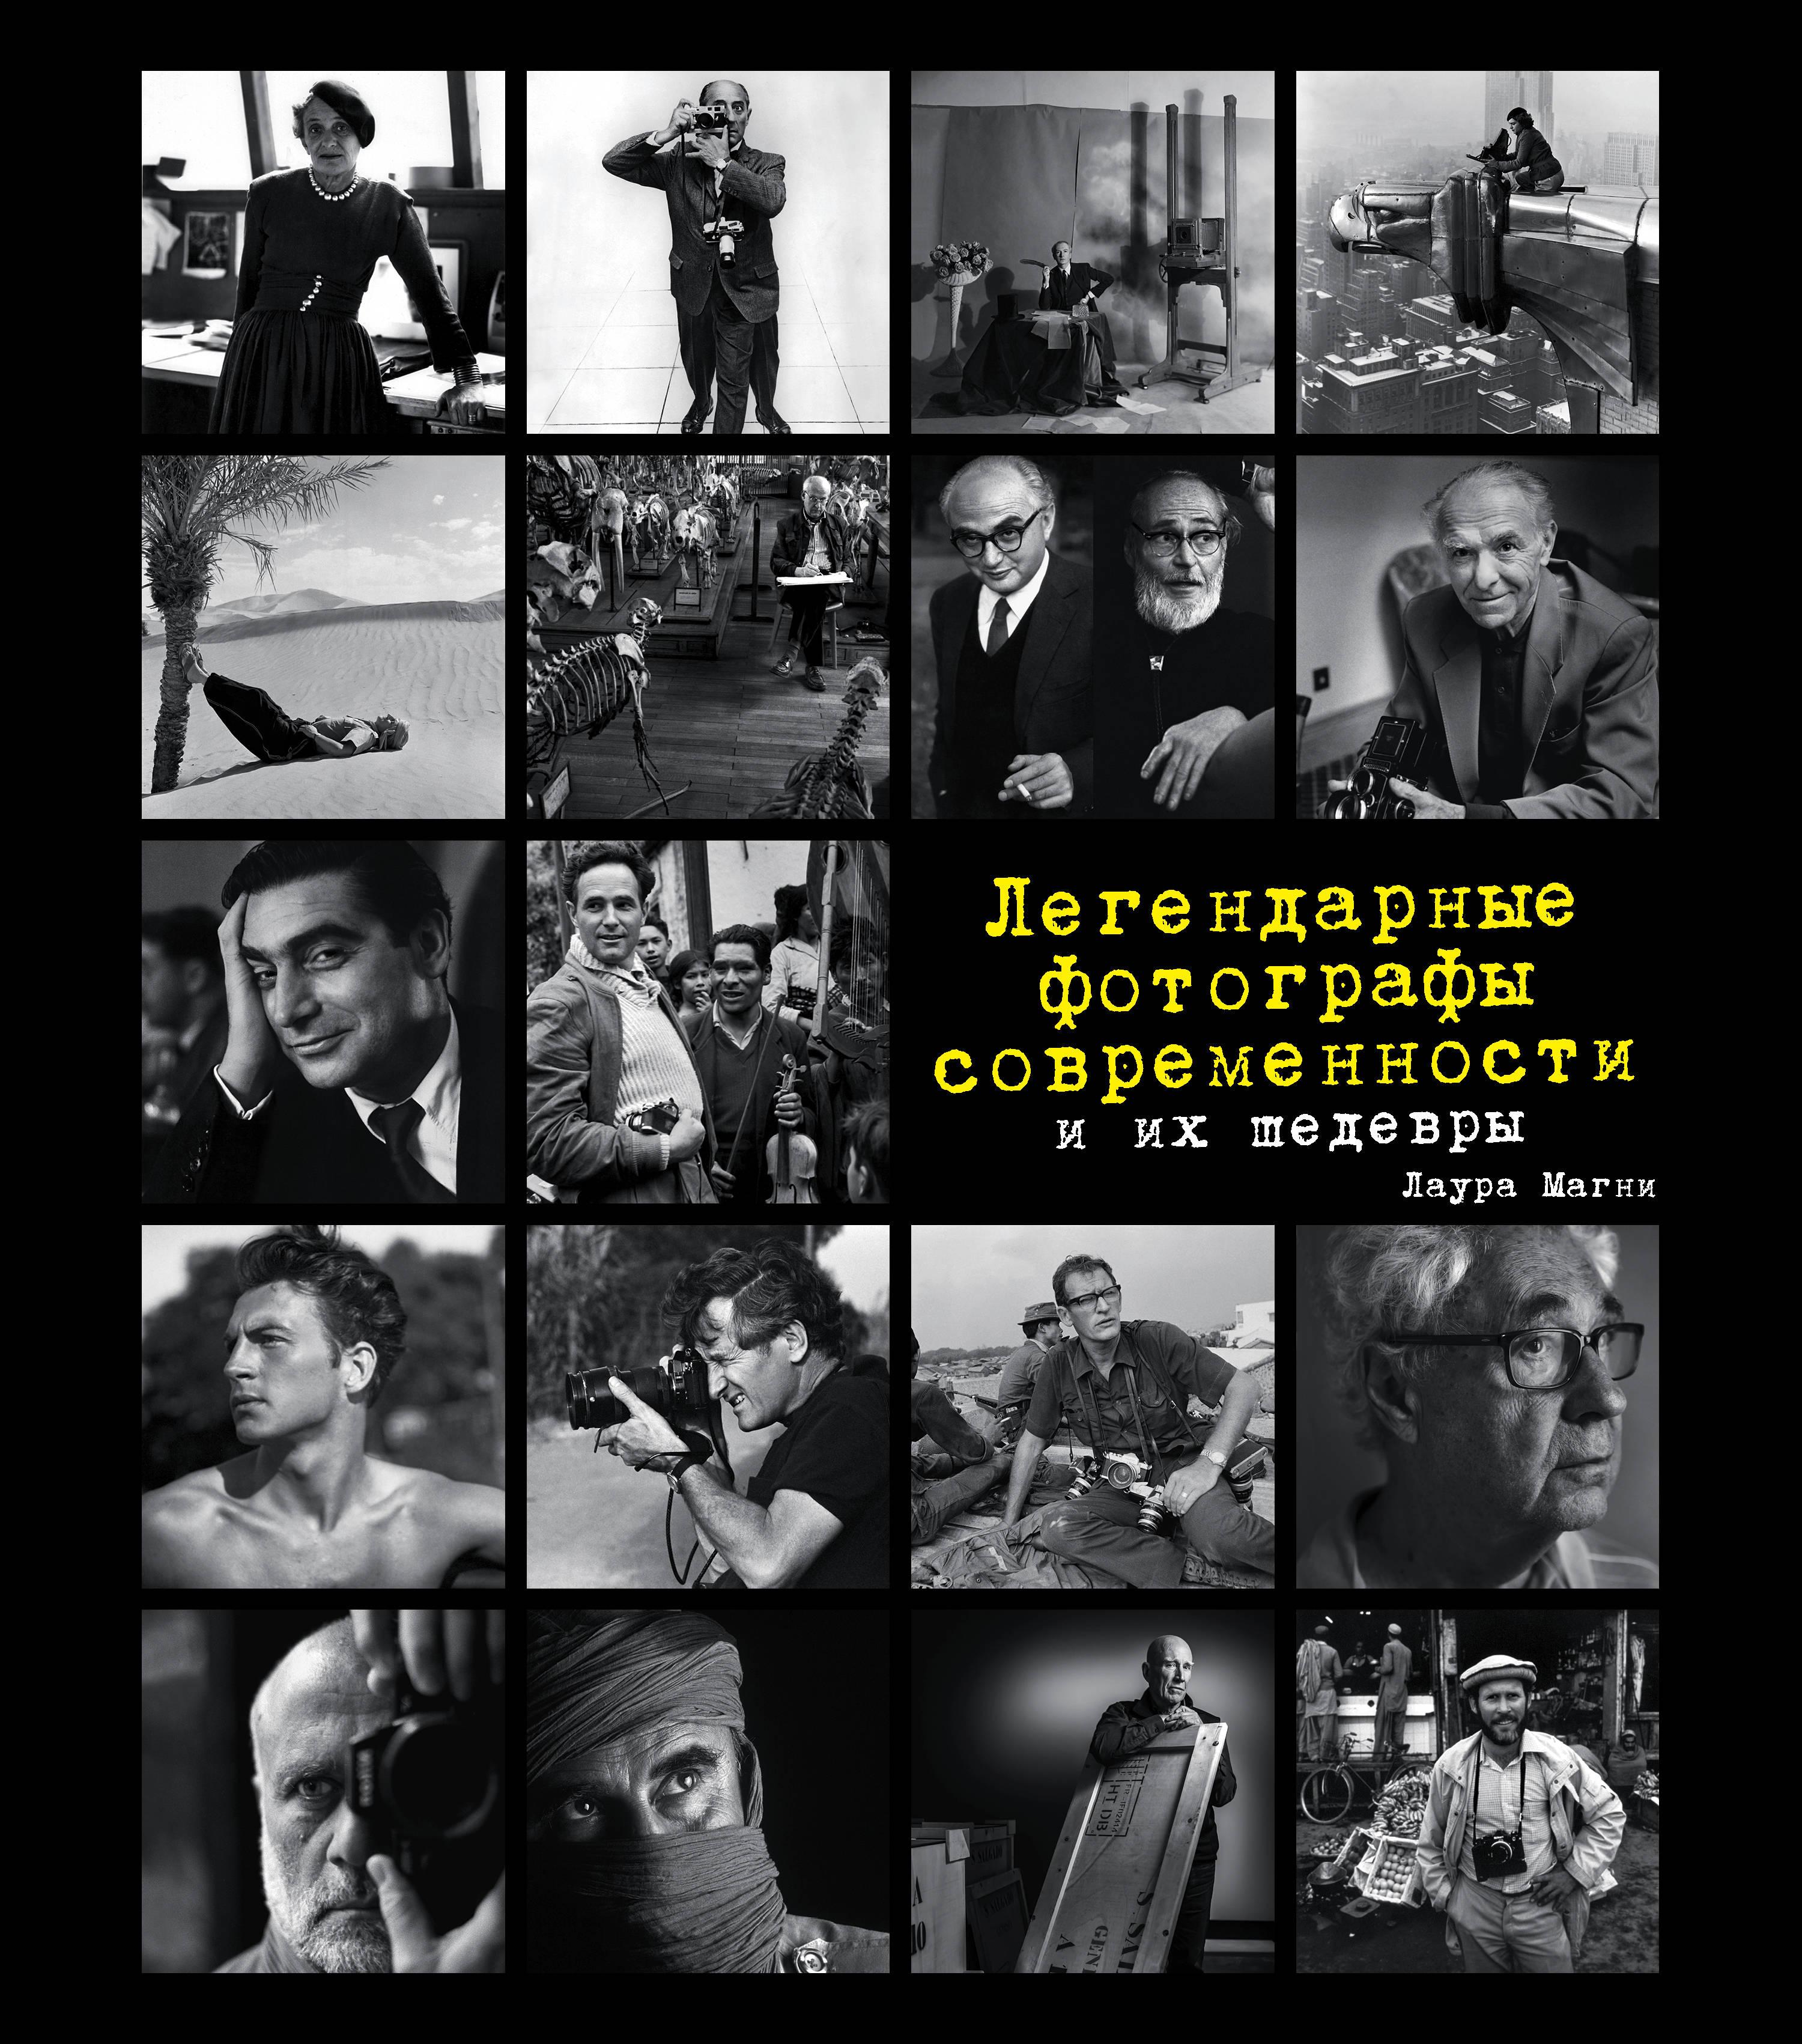 Legendarnye fotografy sovremennosti i ikh shedevry